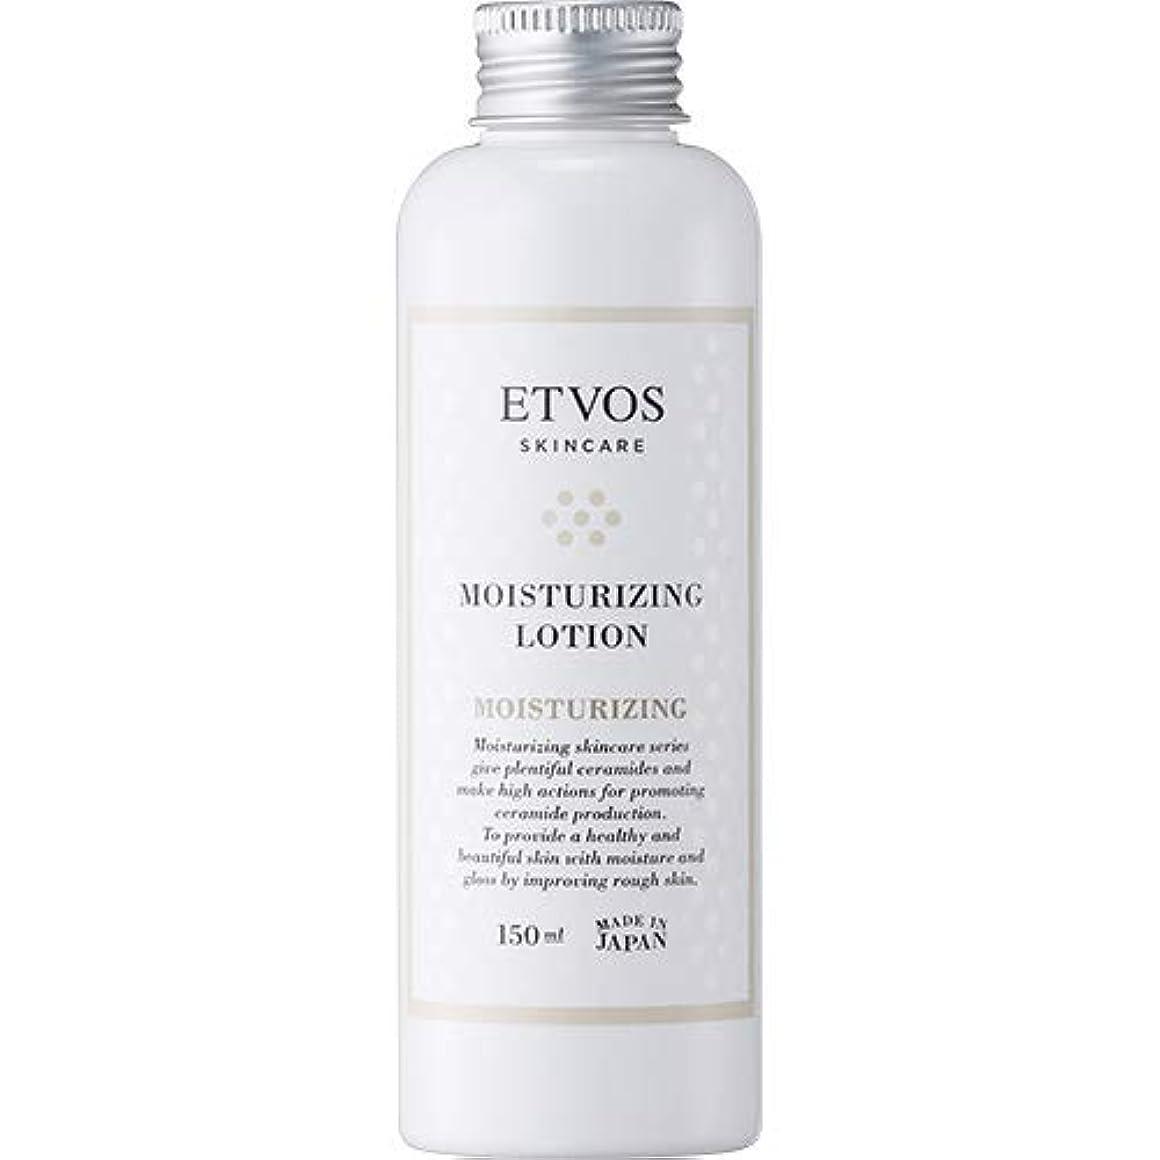 開いた主に有害なETVOS(エトヴォス) 保湿化粧水 モイスチャライジングローション 150ml セラミド 乾燥肌 パラベンフリー